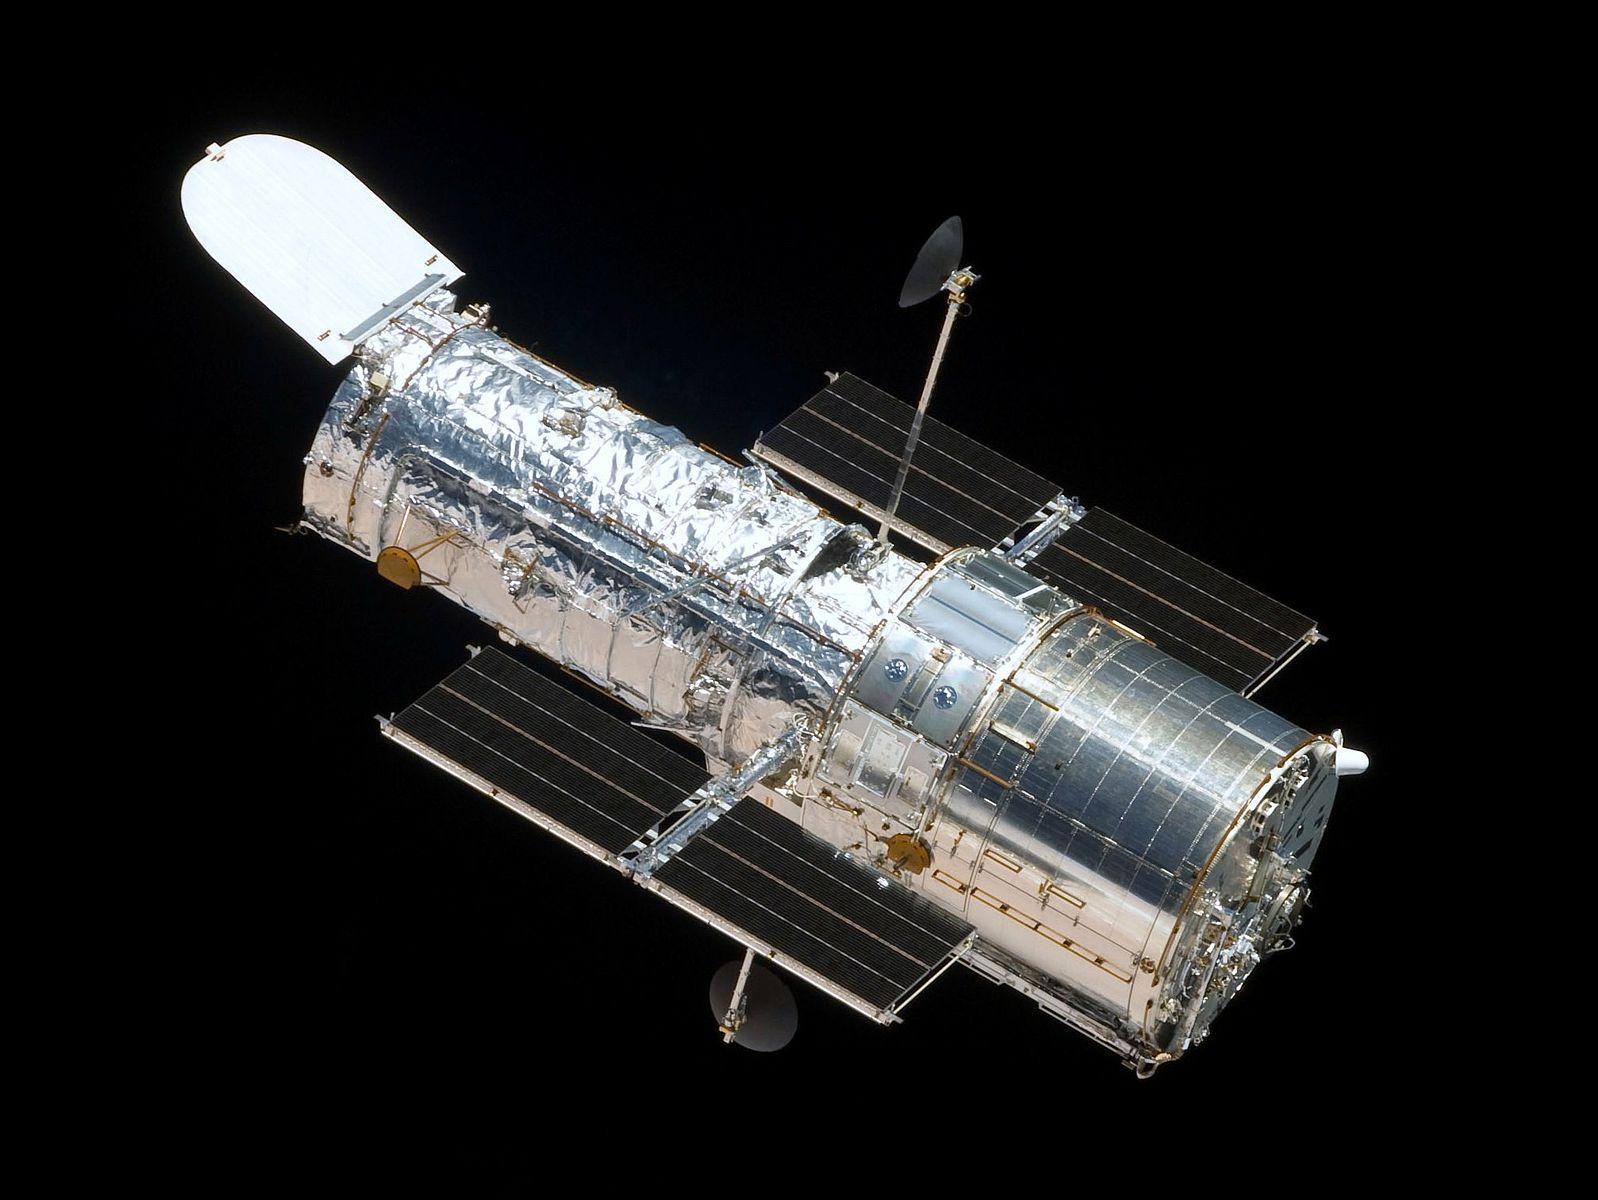 The Hubble telescope (photo courtesy of NASA)